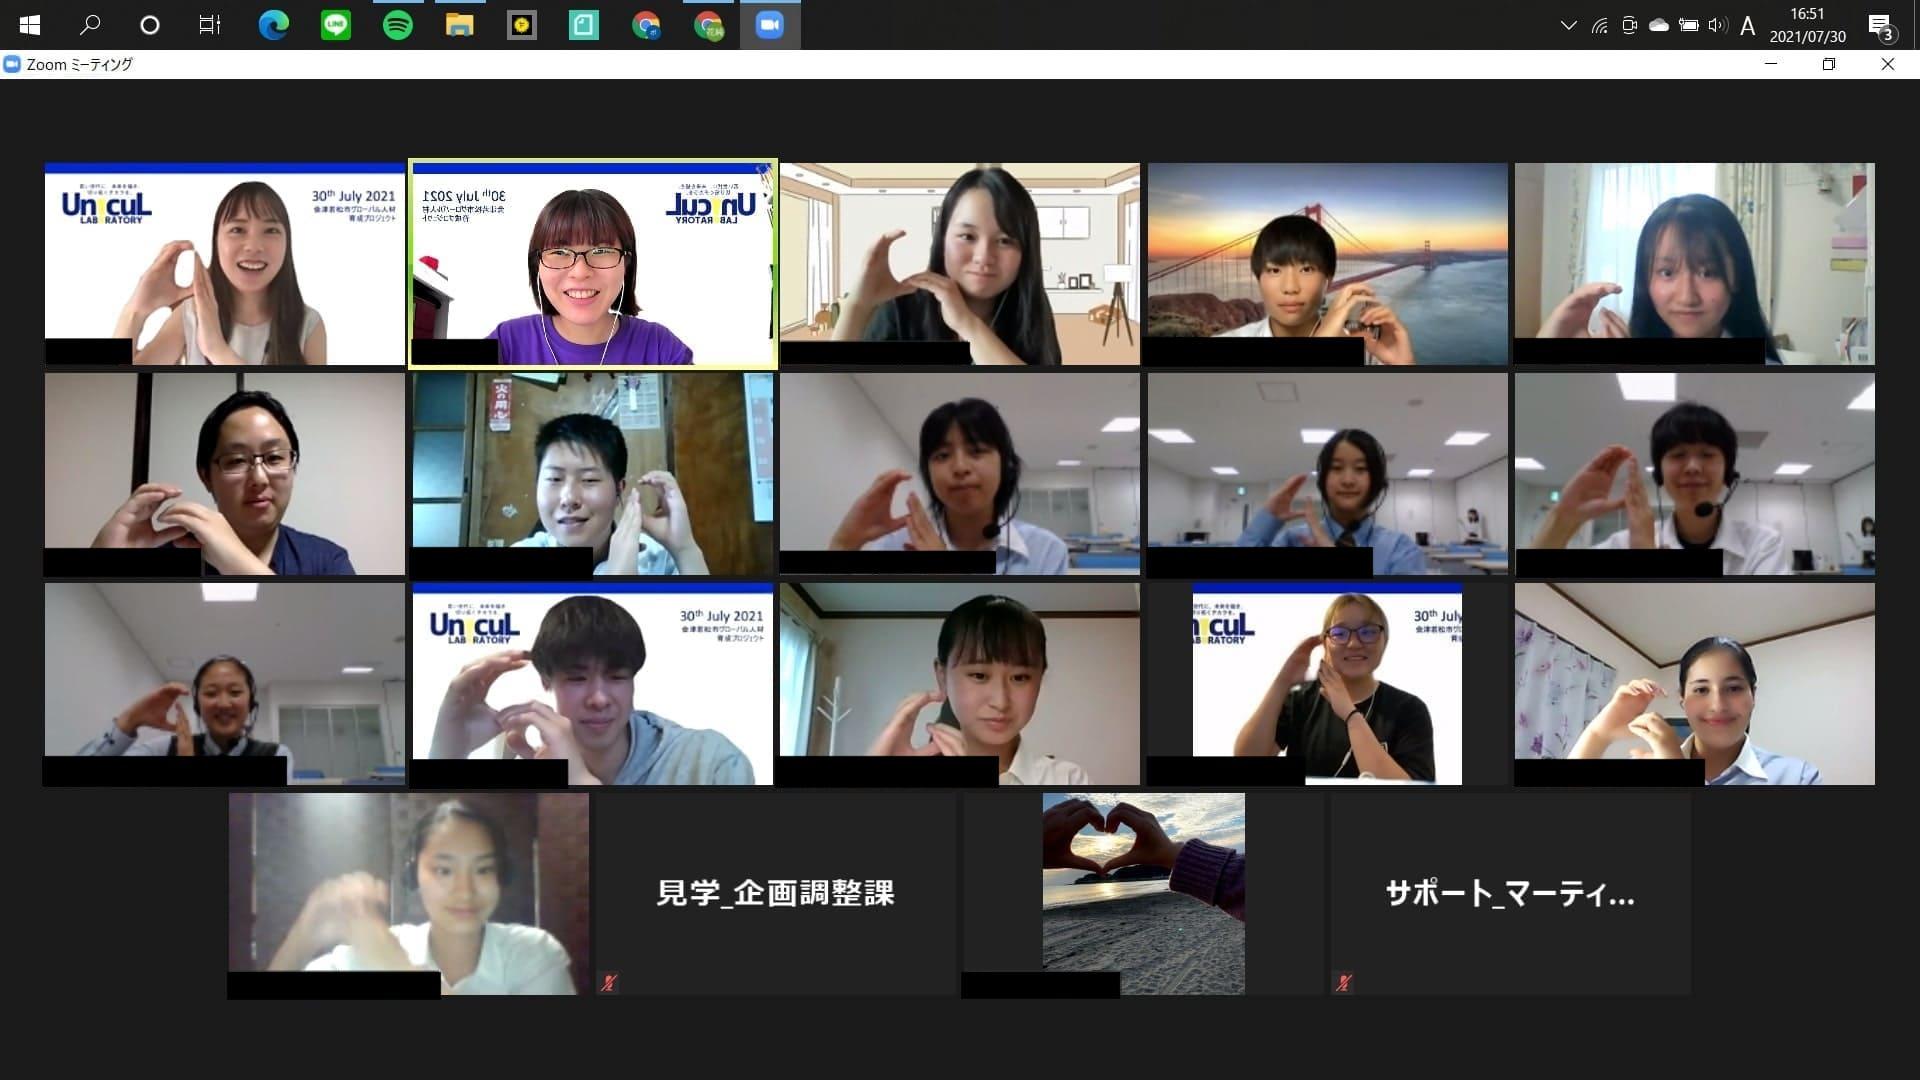 【開催報告】会津若松市グローバル人材育成事業の第3回ワークショップを開催しました